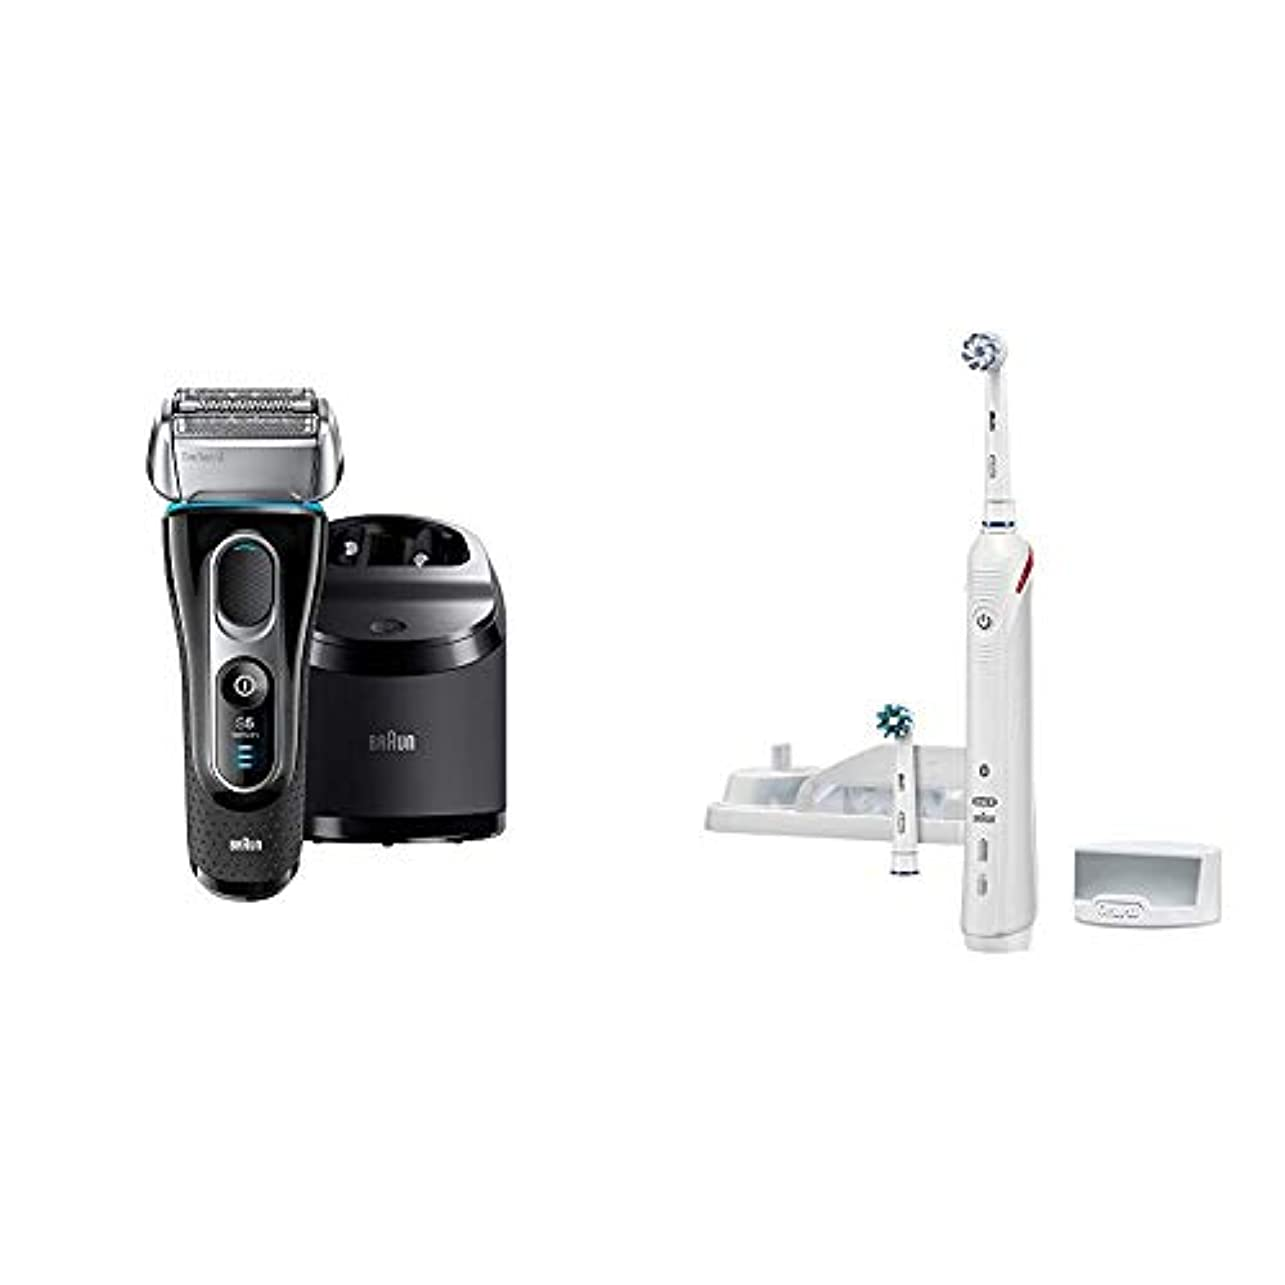 ホーン圧縮された囲むブラウン シリーズ5 メンズ電気シェーバー  5197cc 4カットシステム 洗浄機付 水洗い可 & オーラルB 電動歯ブラシ スマート4000 D6015253P